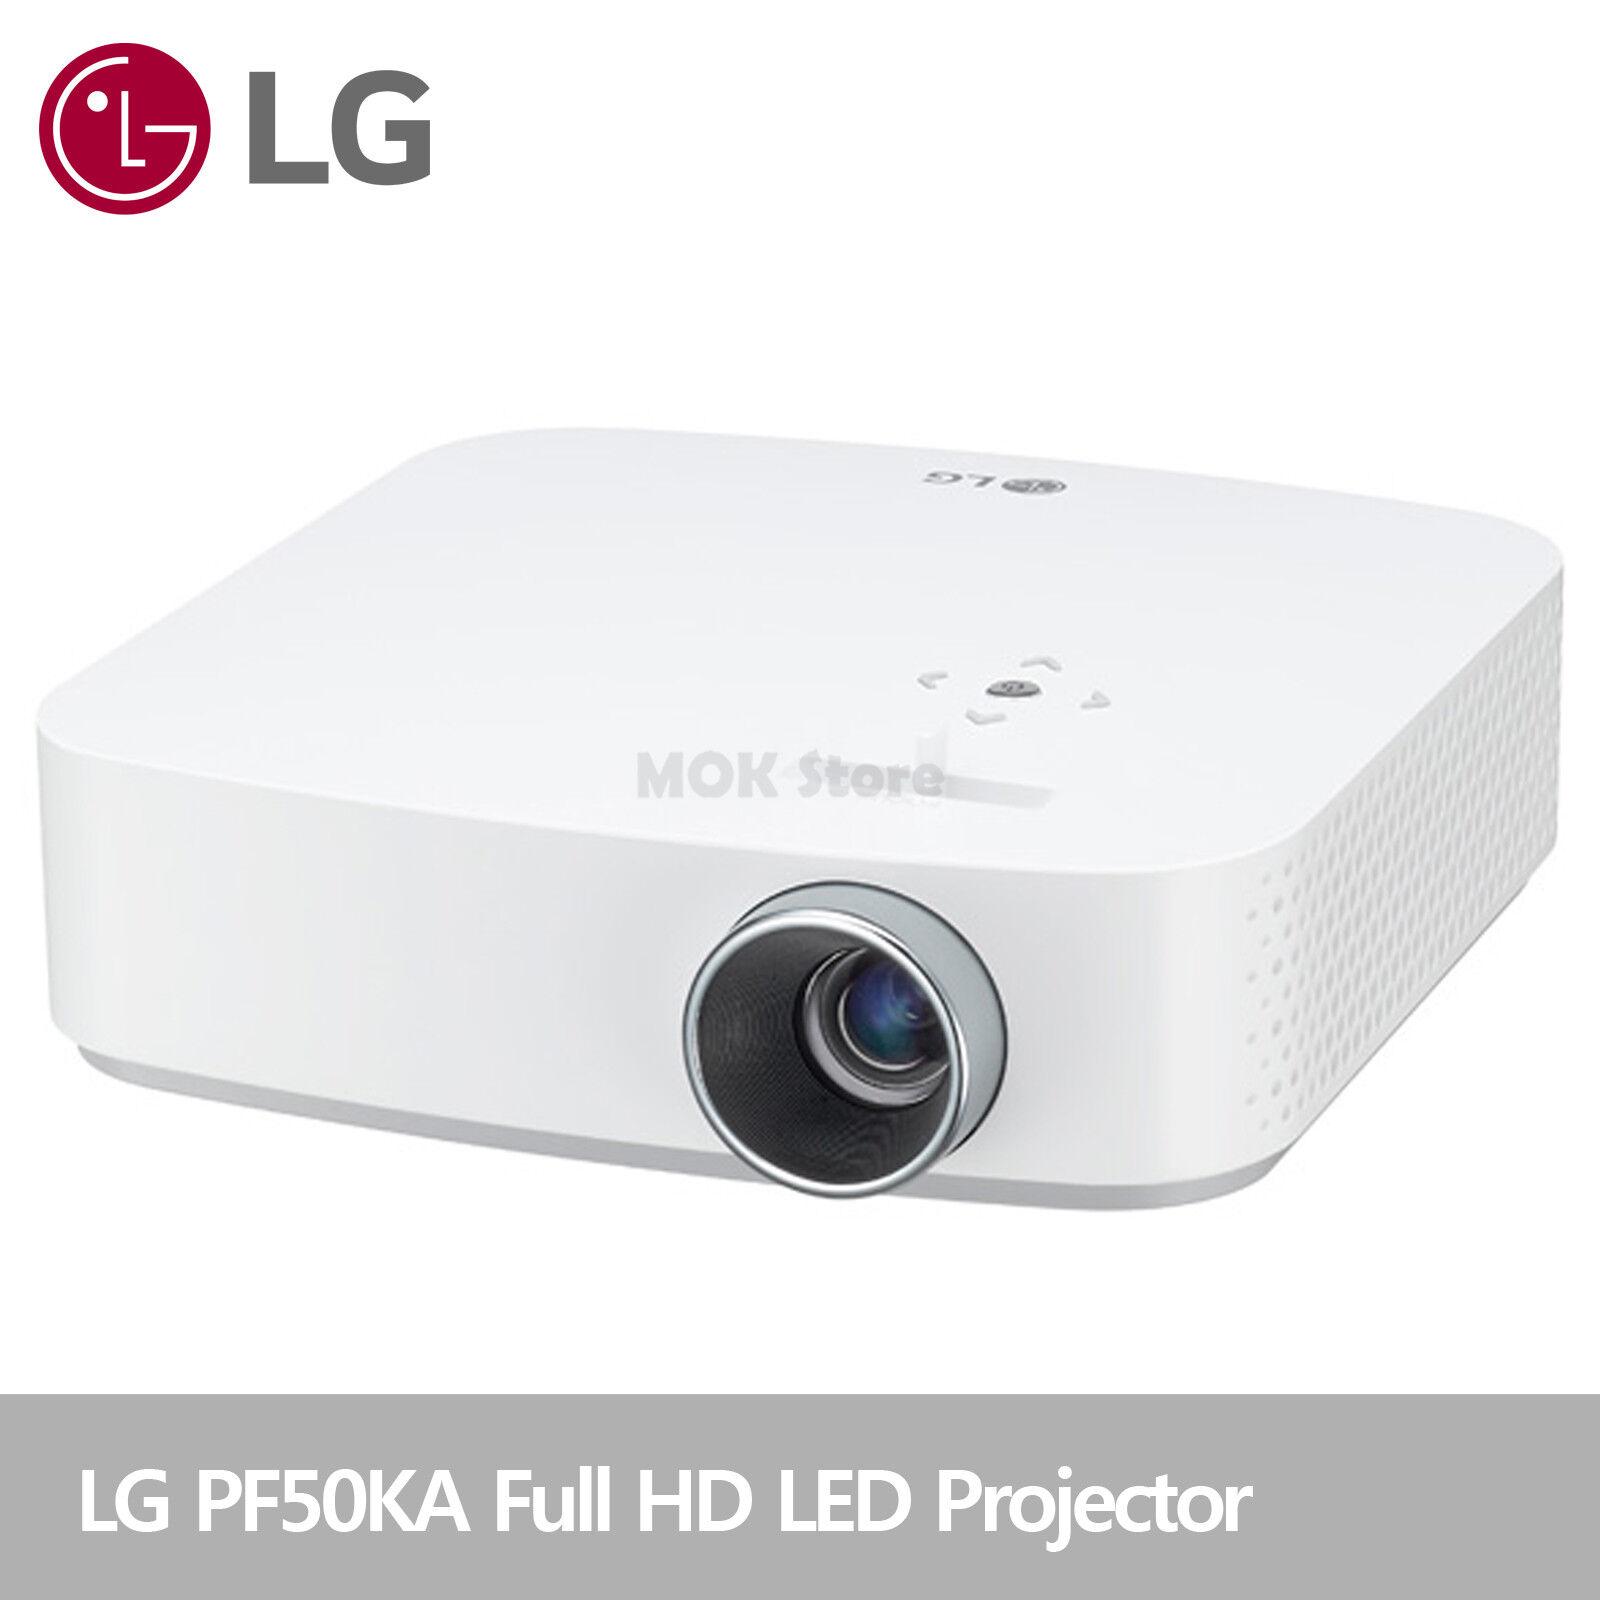 Full Hd Smart Dlp300b Mini Projector Lcd 3d Home Theater: LG PF50KA Full HD LED Smart Home Theater Projector (1920 X